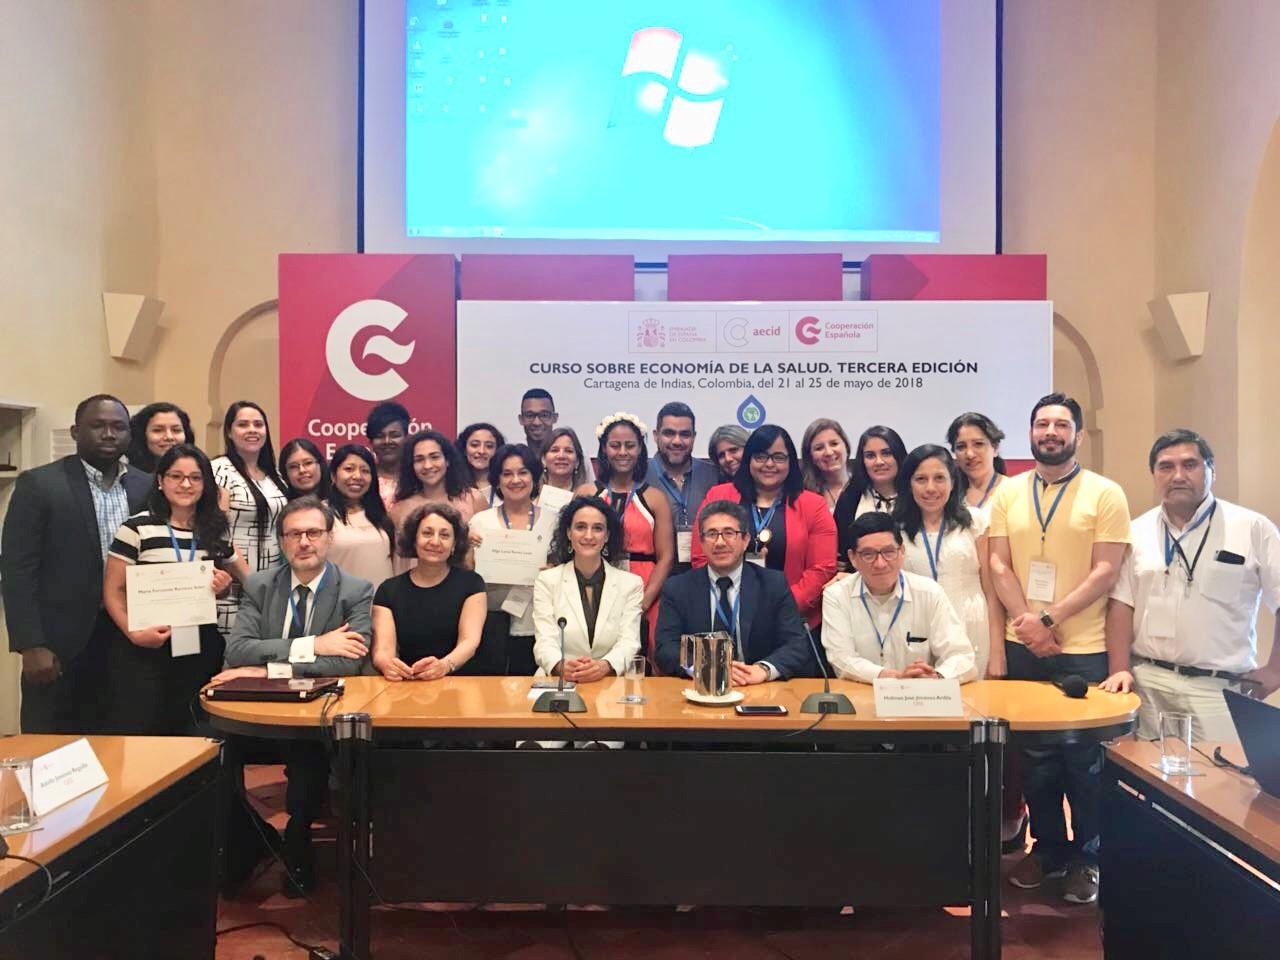 Foto de grupo en la clausura del curso